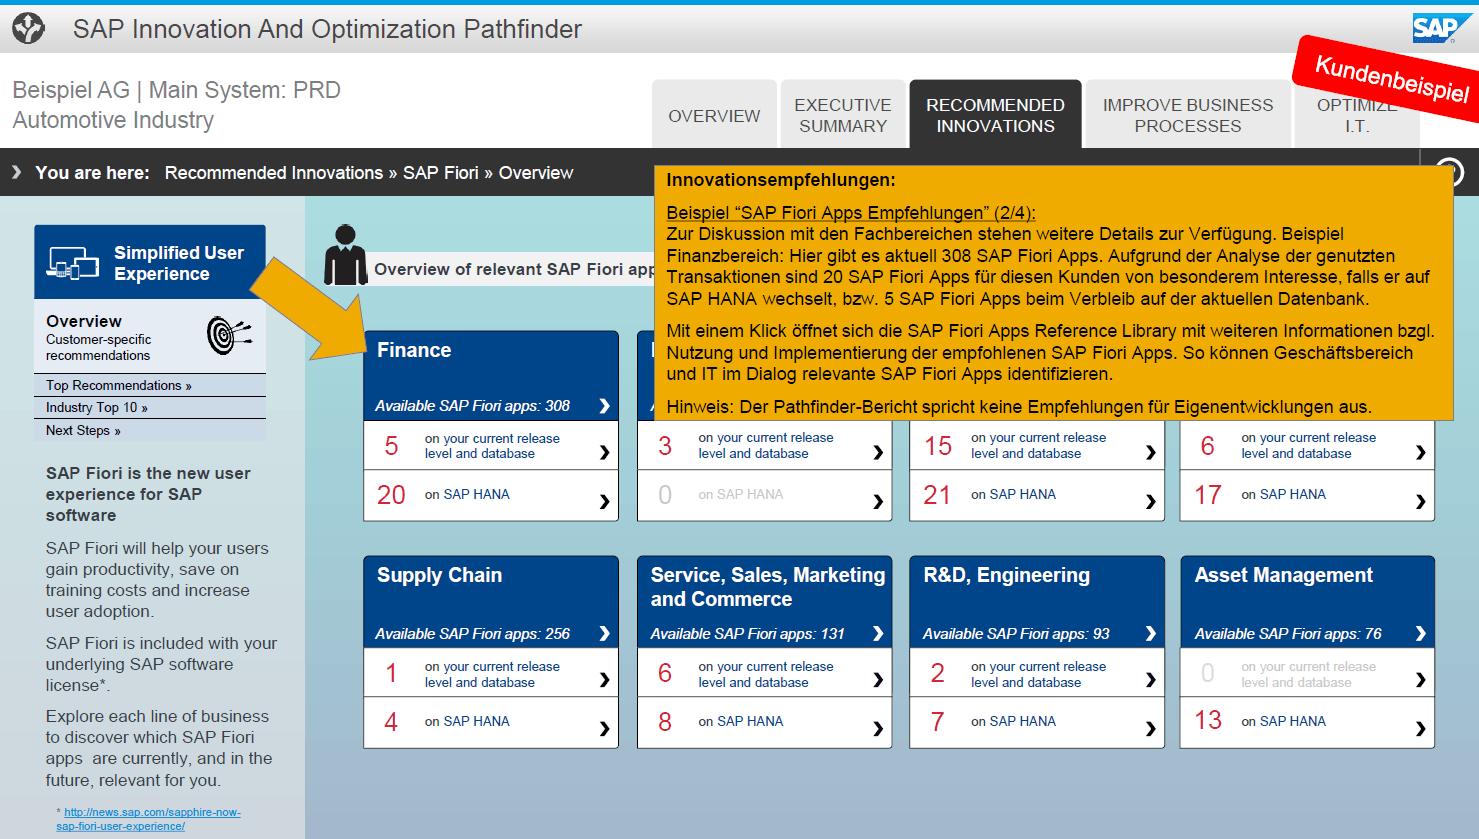 Blog Screen SAP Pathfinder Innovationen 2 - Mit dem SAP Pathfinder holen Sie das Beste aus Ihrem SAP-System